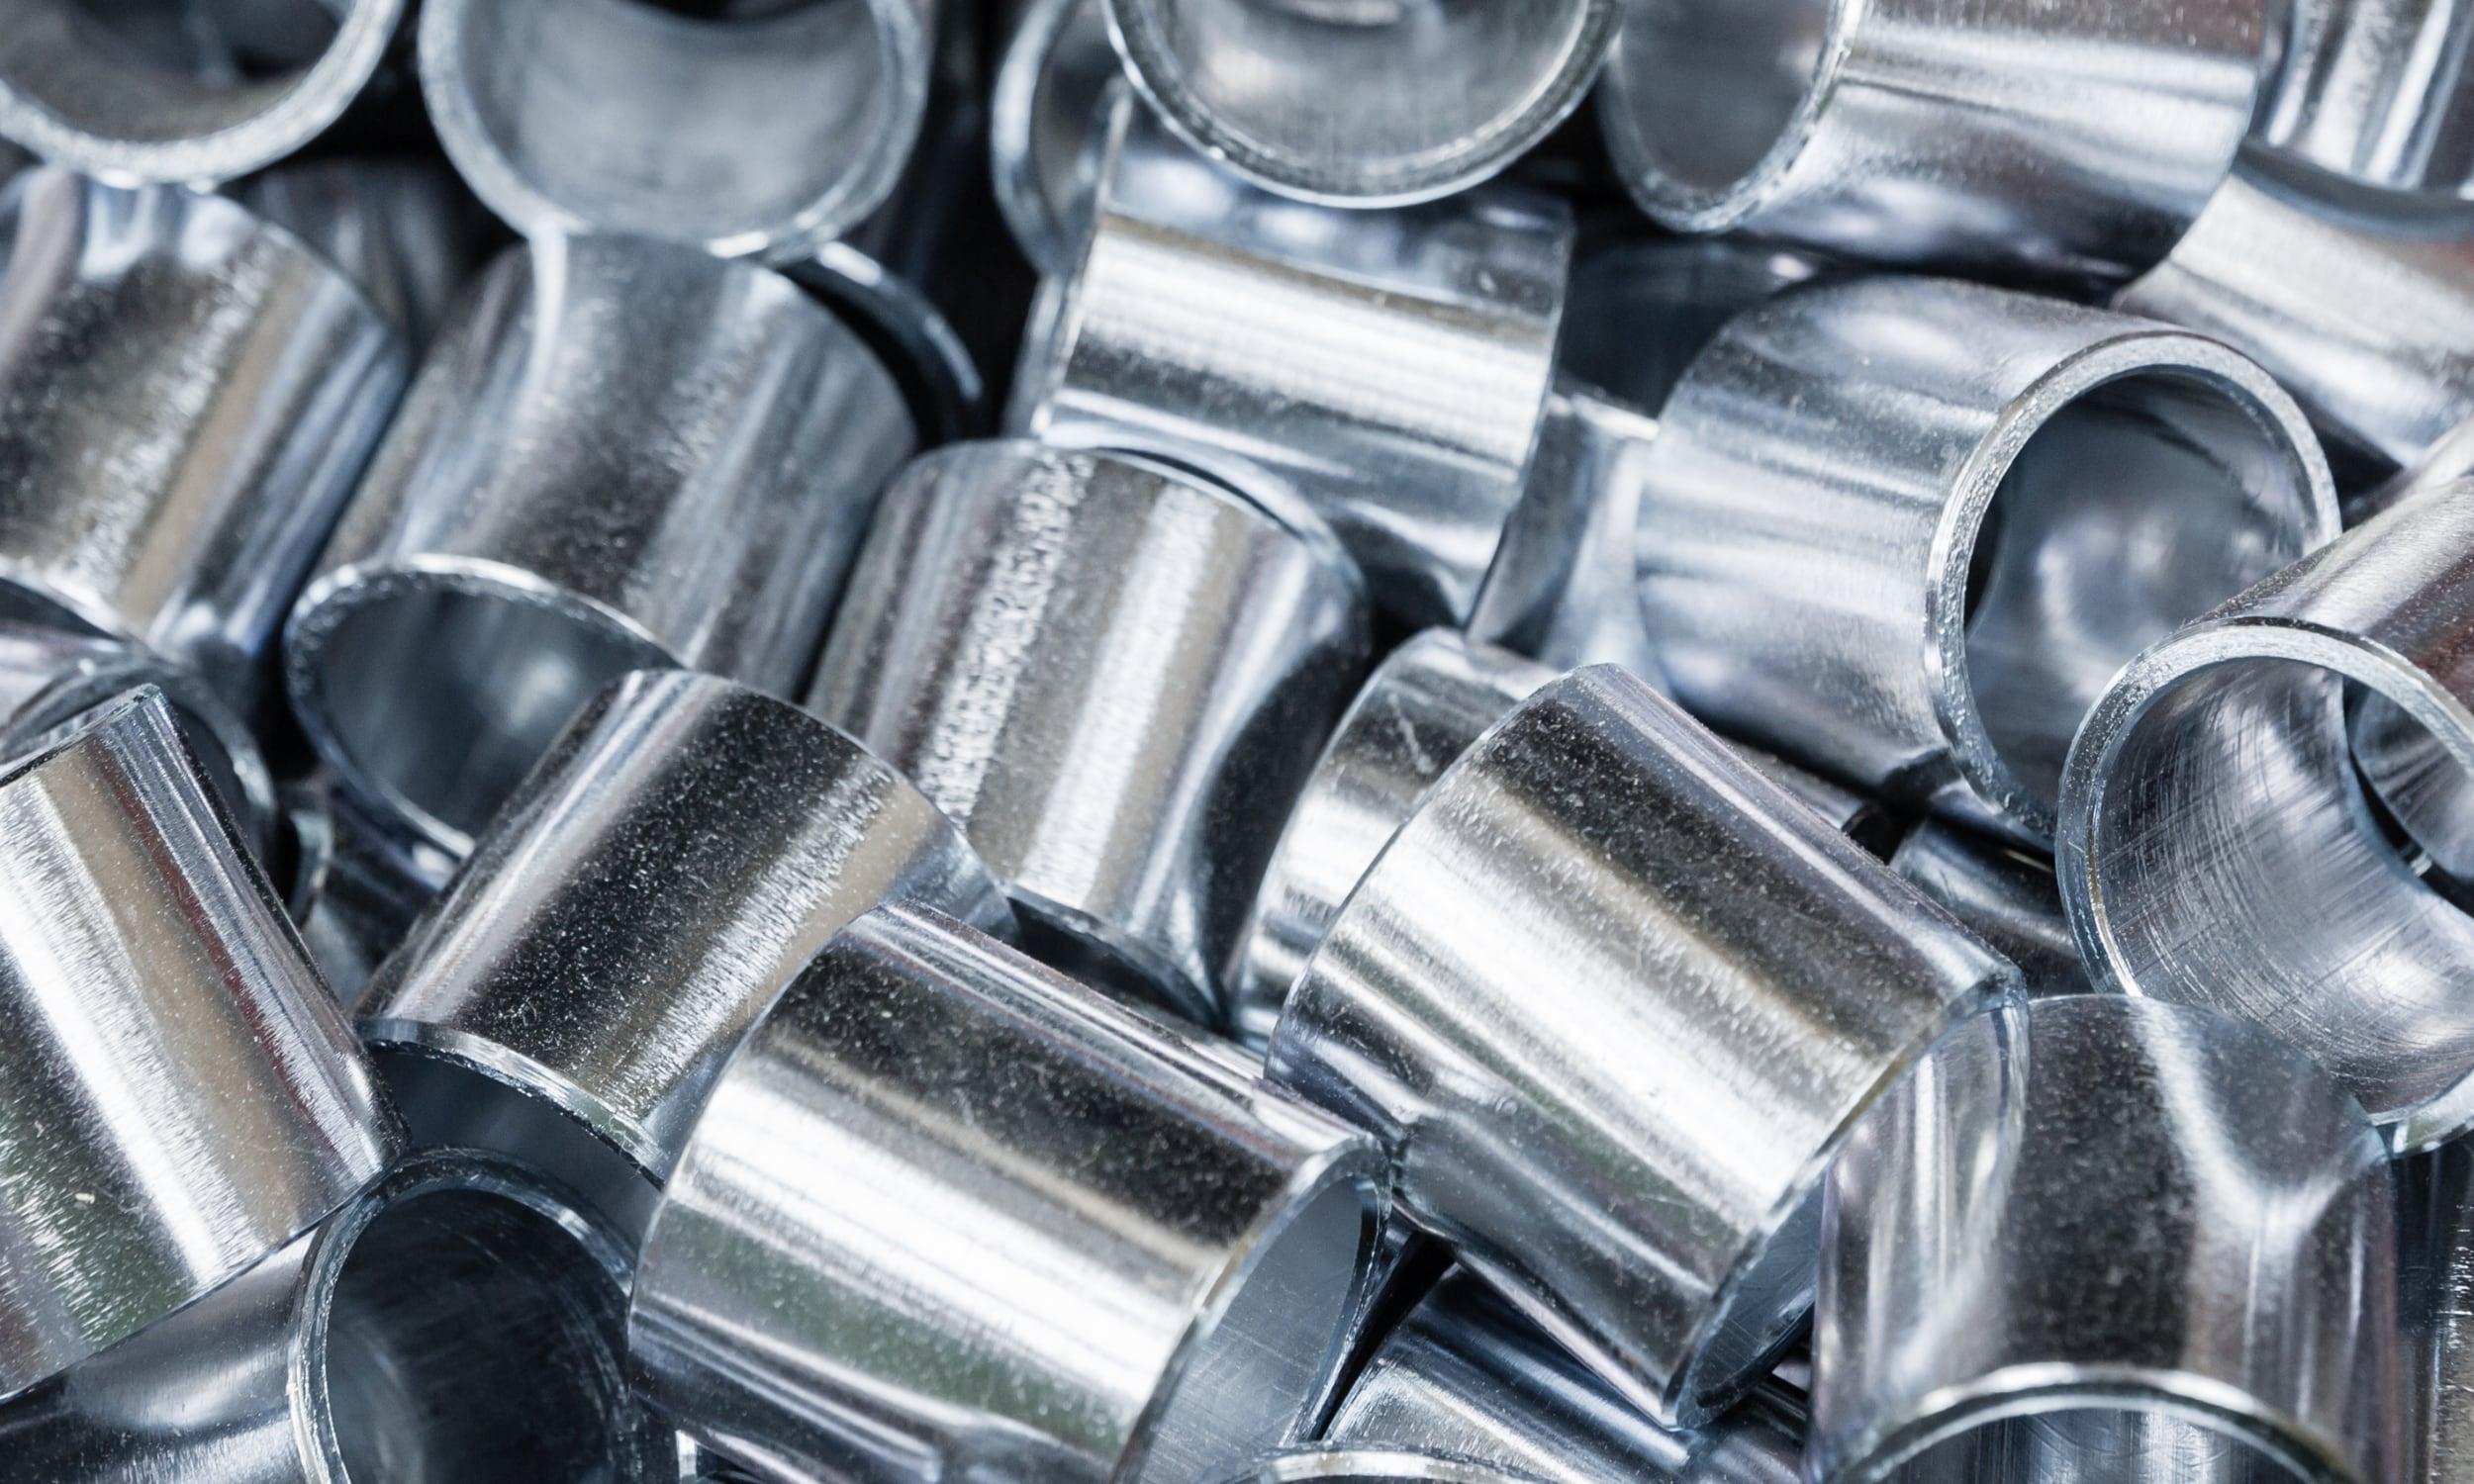 Passivazione dei metalli